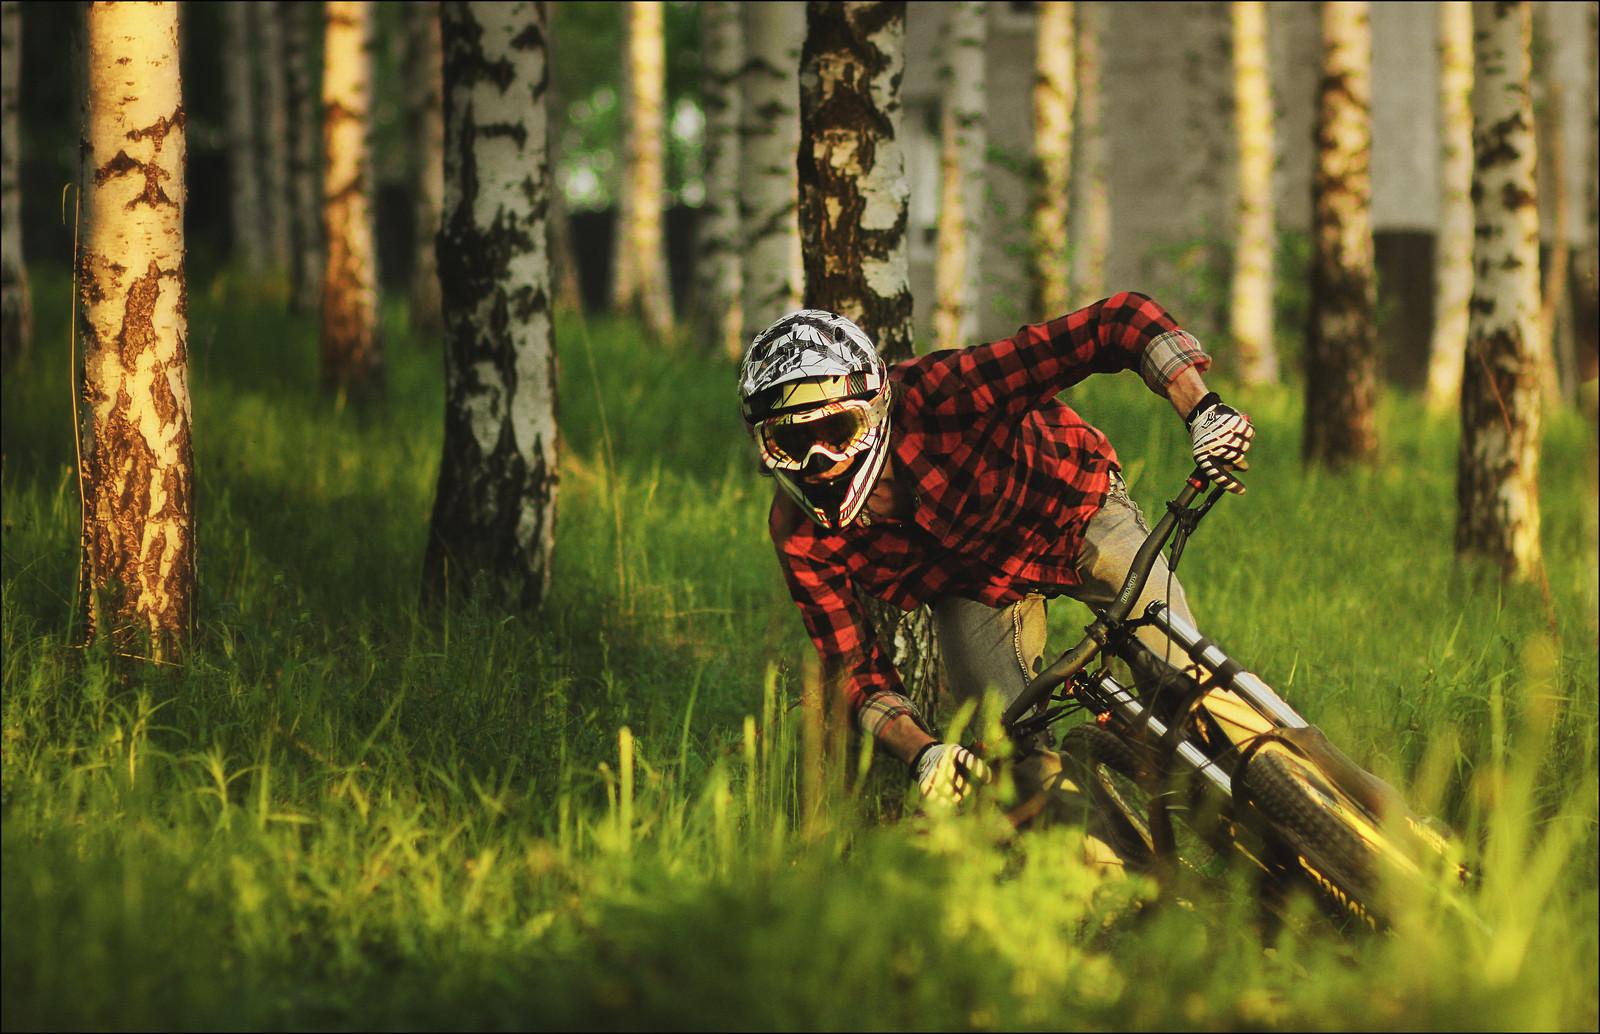 IMG 3375m - YakuT - Mountain Biking Pictures - Vital MTB